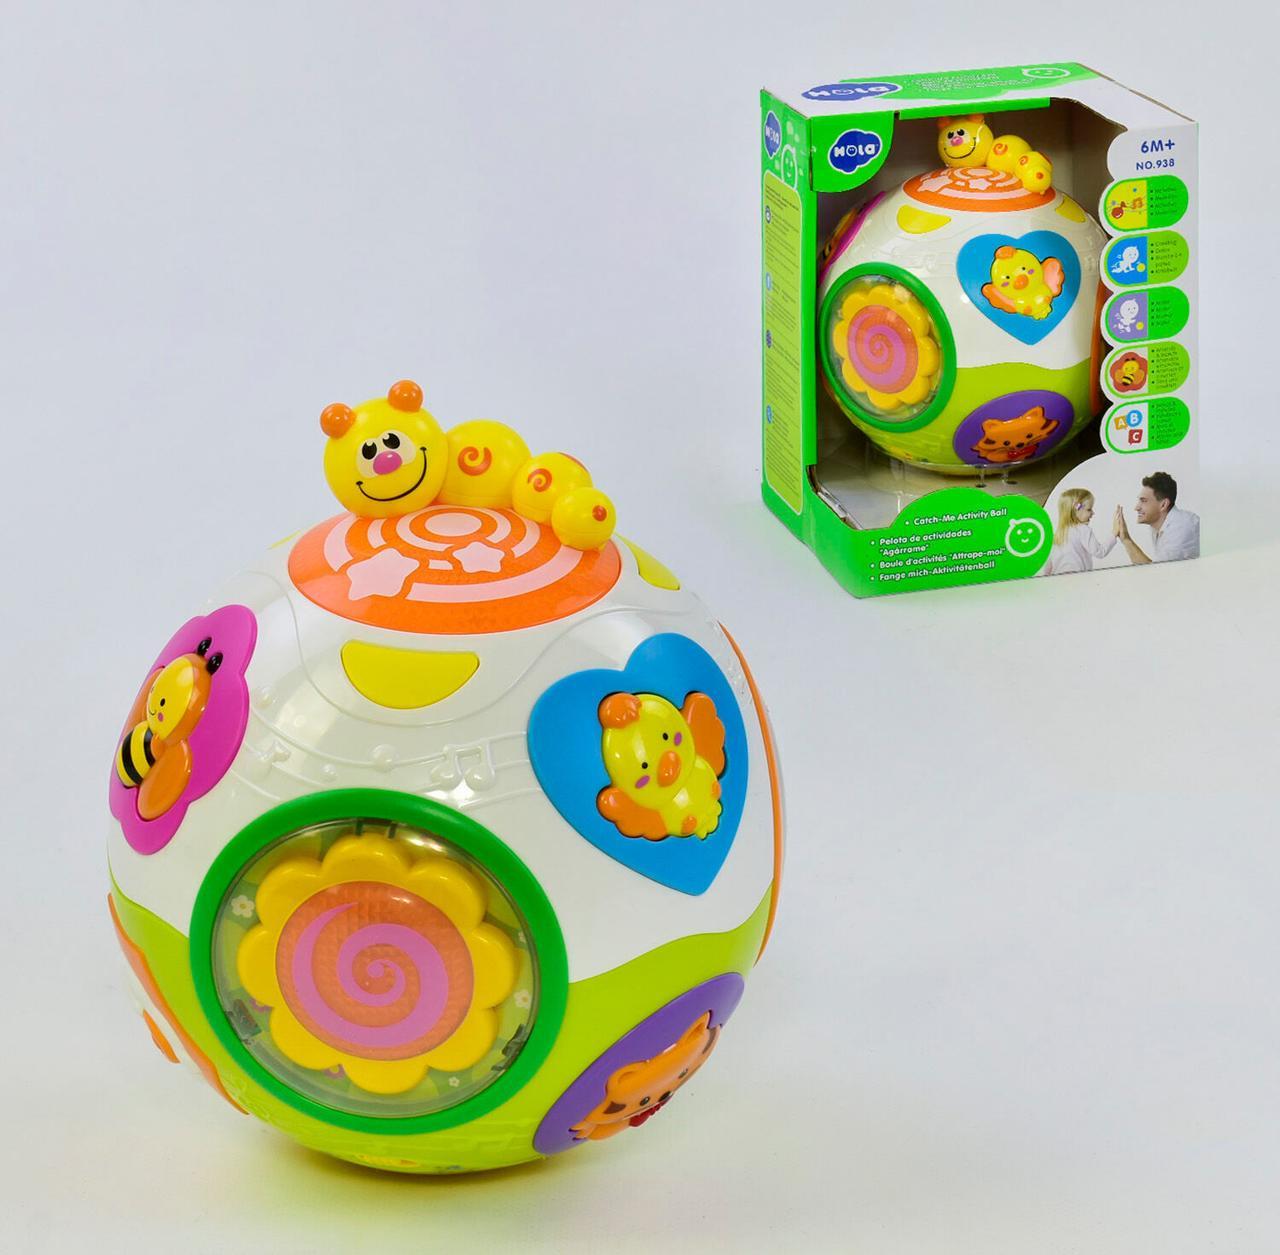 Развивающая игрушка Веселый шар 938 вращается, световые и звуковые эффекты, англ. озвучивание